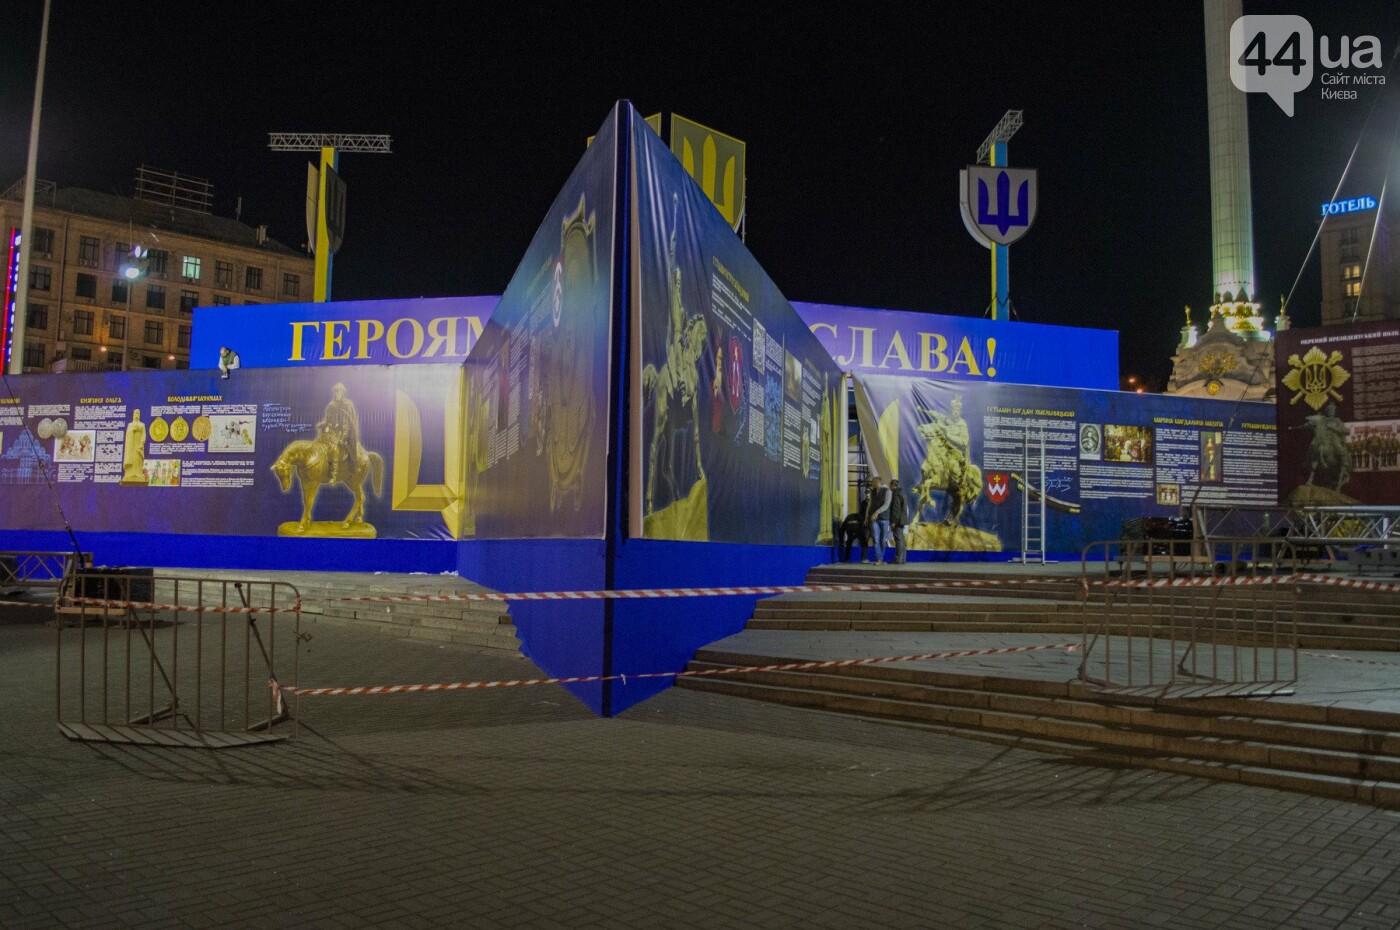 На Майдане появился 10-метровый трезубец: Киев готовится ко Дню защитника Украины, фото-7